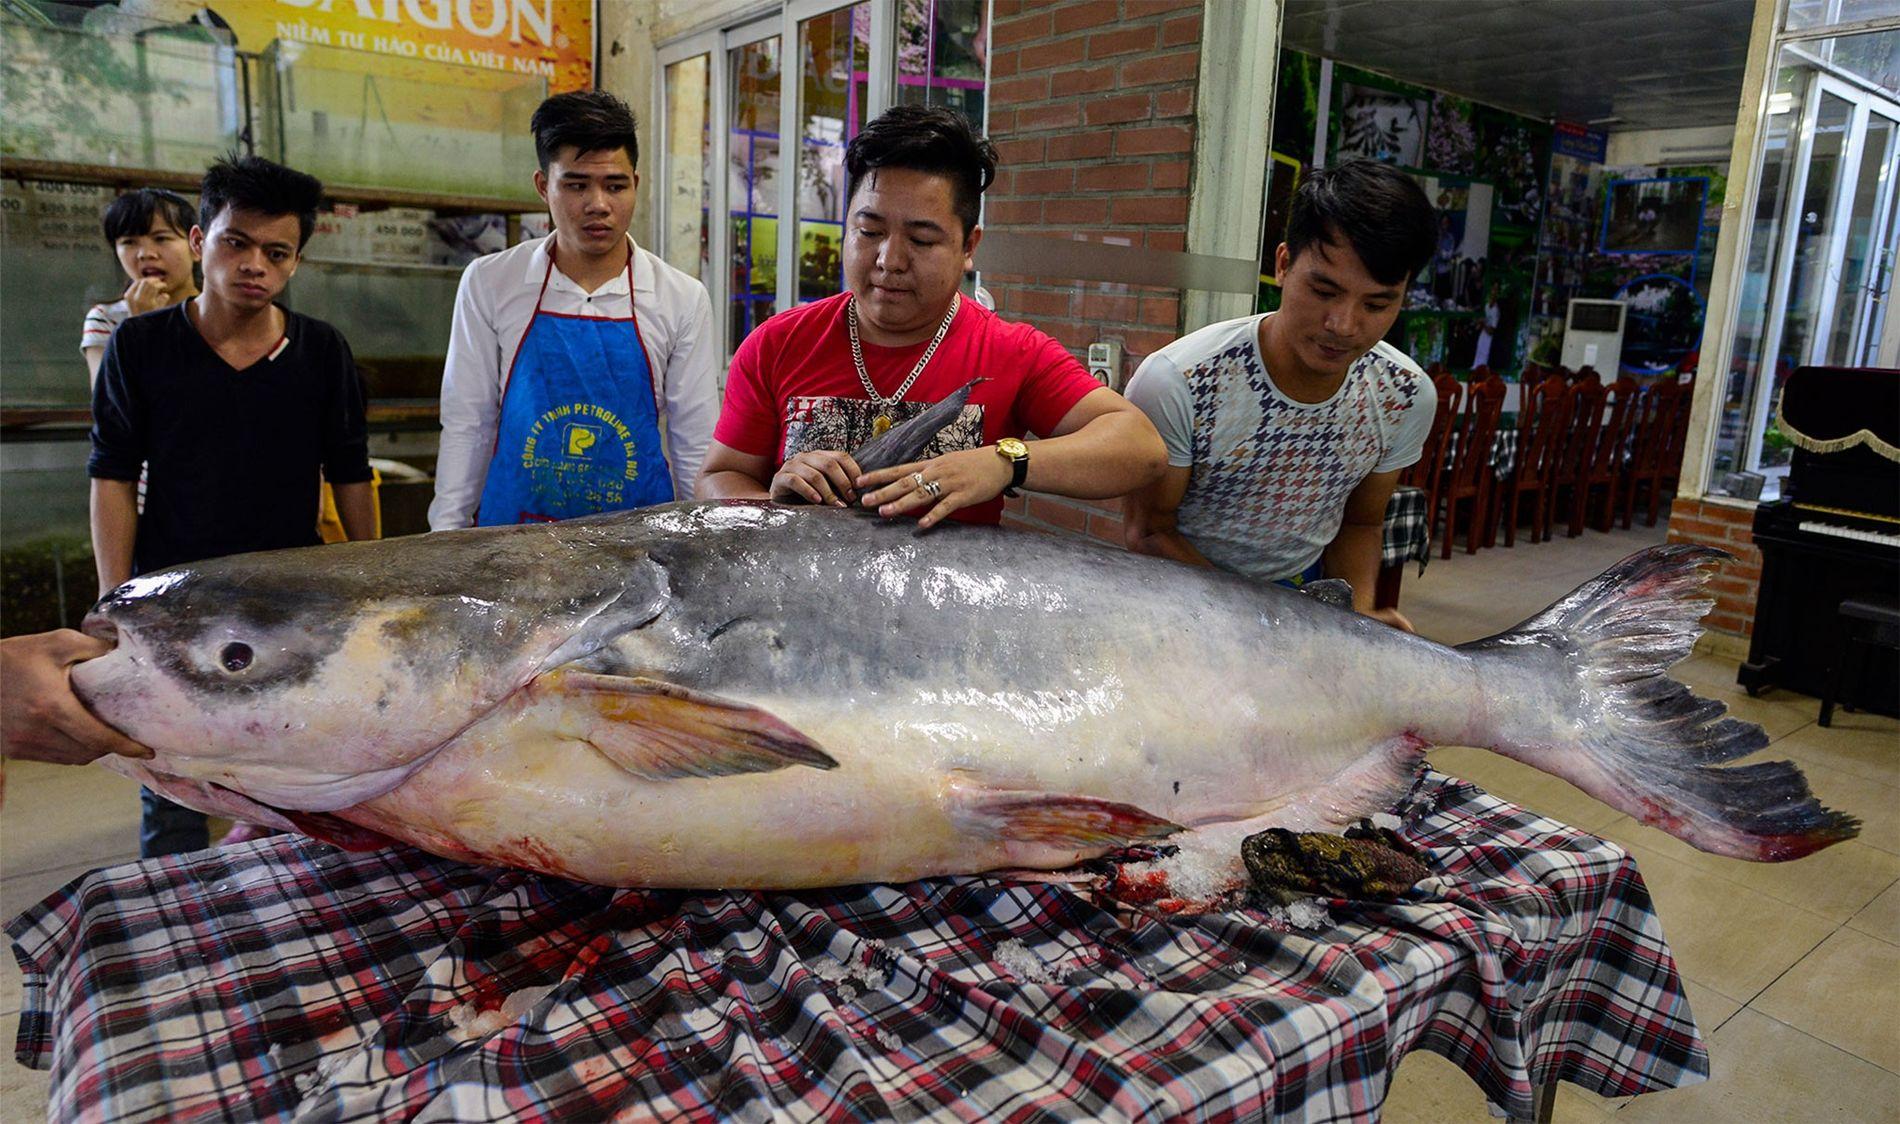 Un pez gato del Mekong de 136 kilogramos atrapado ilegalmente en el lago Tonle Sap, Camboya, exhibido en un restaurante en Hanoi, Vietnam.